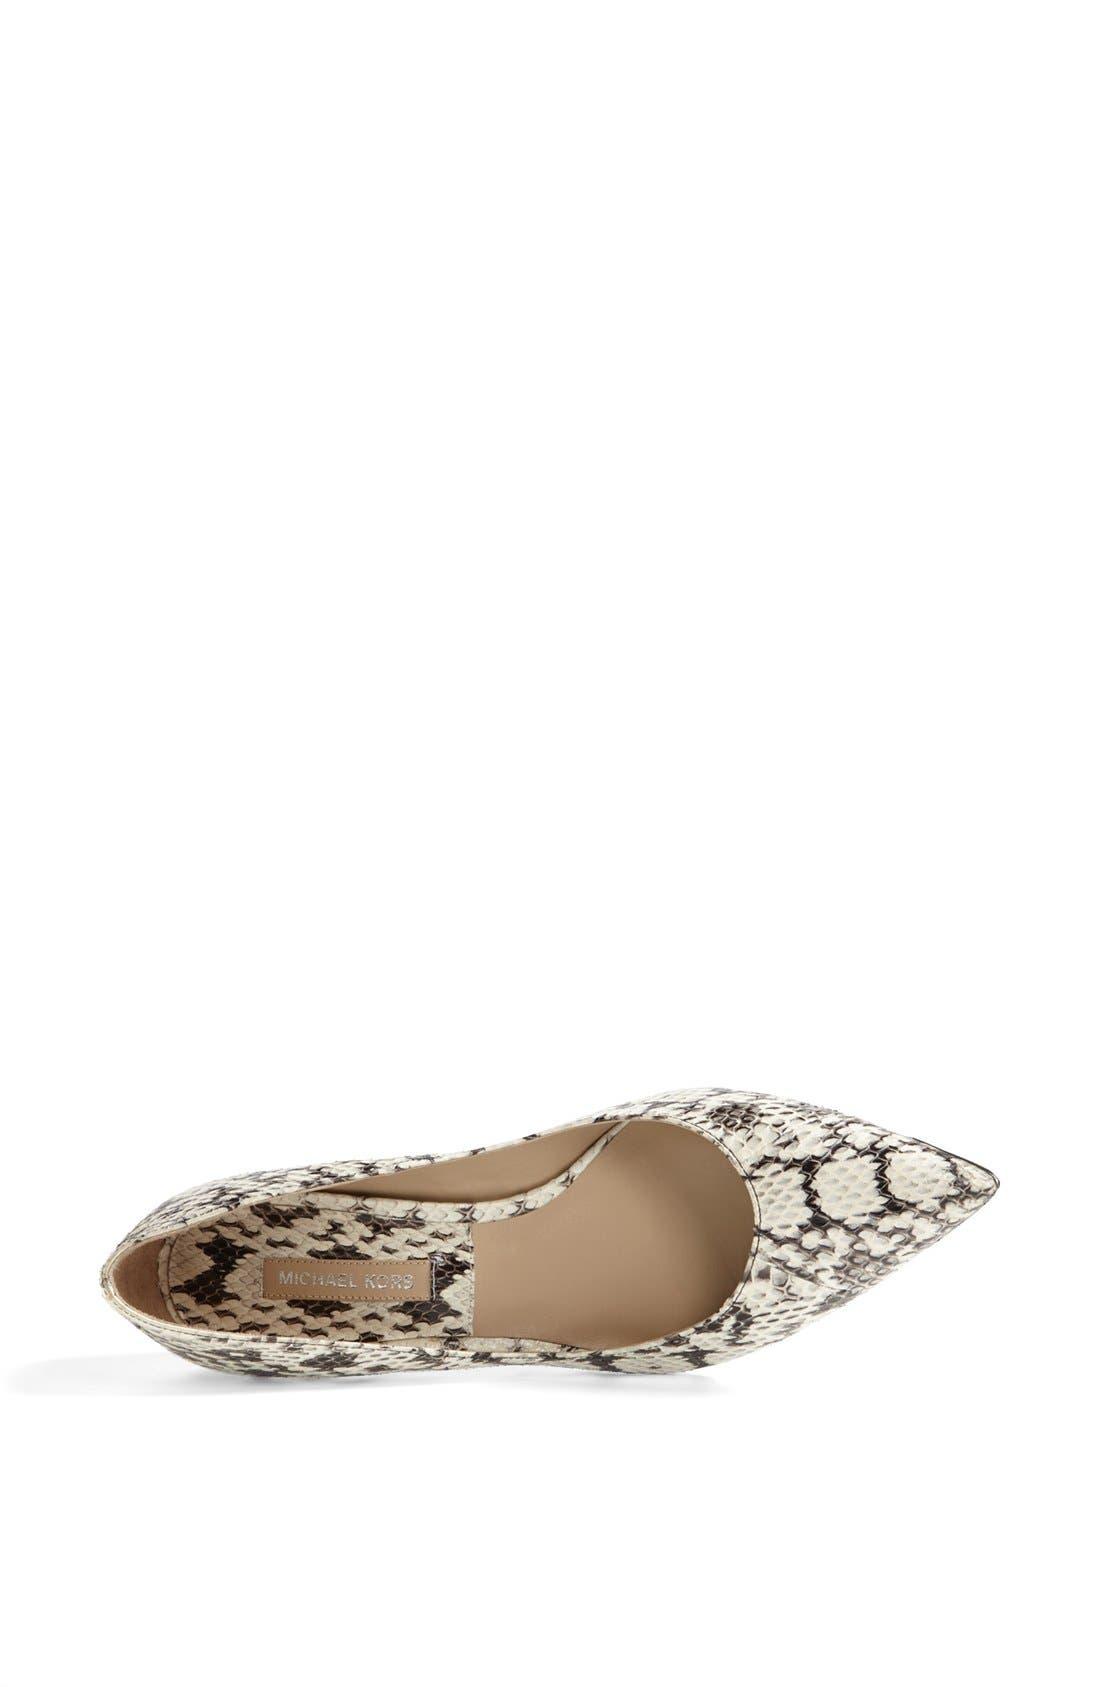 Alternate Image 3  - Michael Kors 'Trisha' Genuine Snakeskin Pump